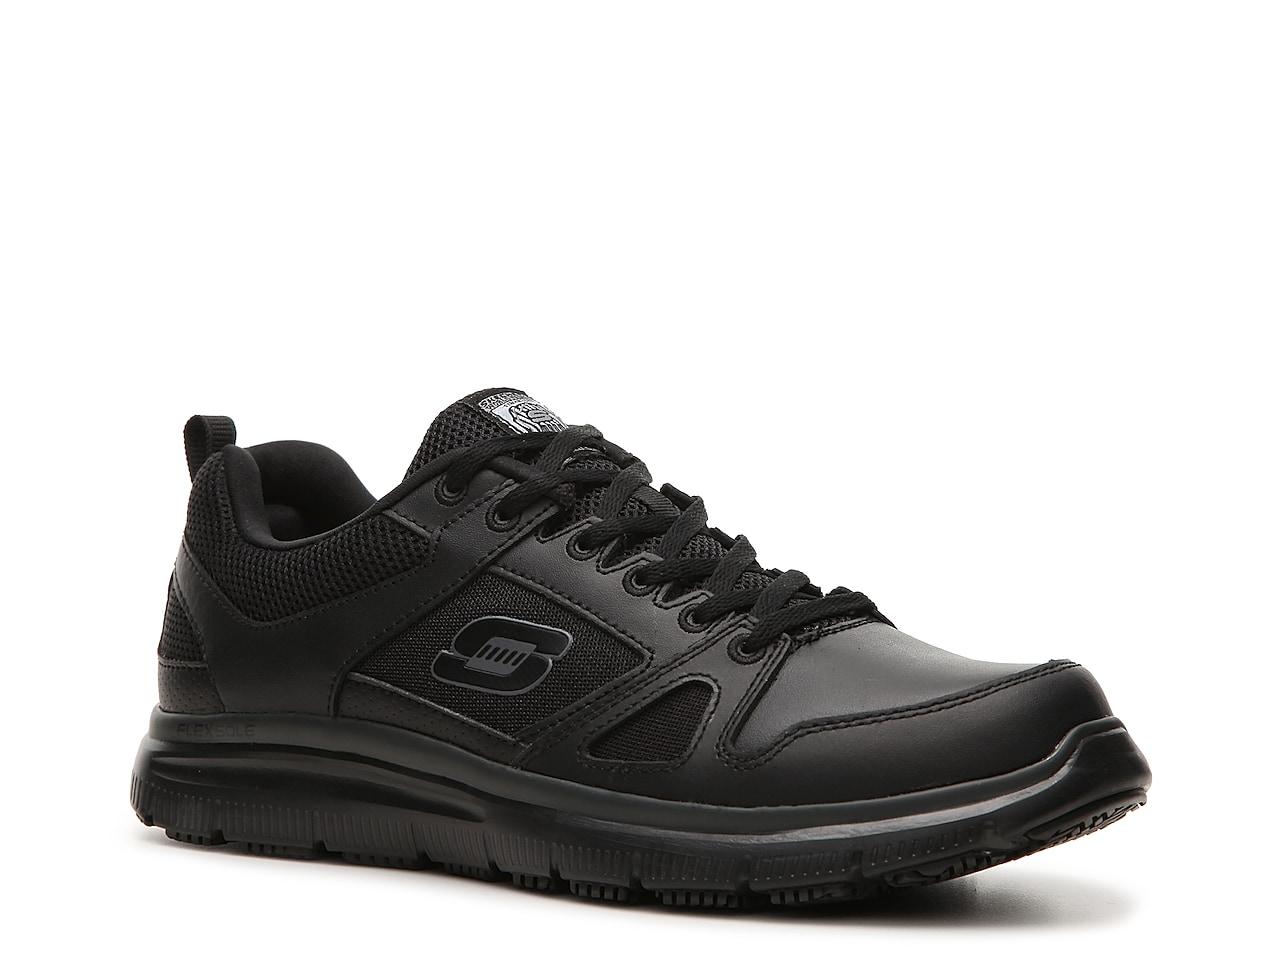 Skechers Relaxed Fit Flex Advantage SR Work Shoe